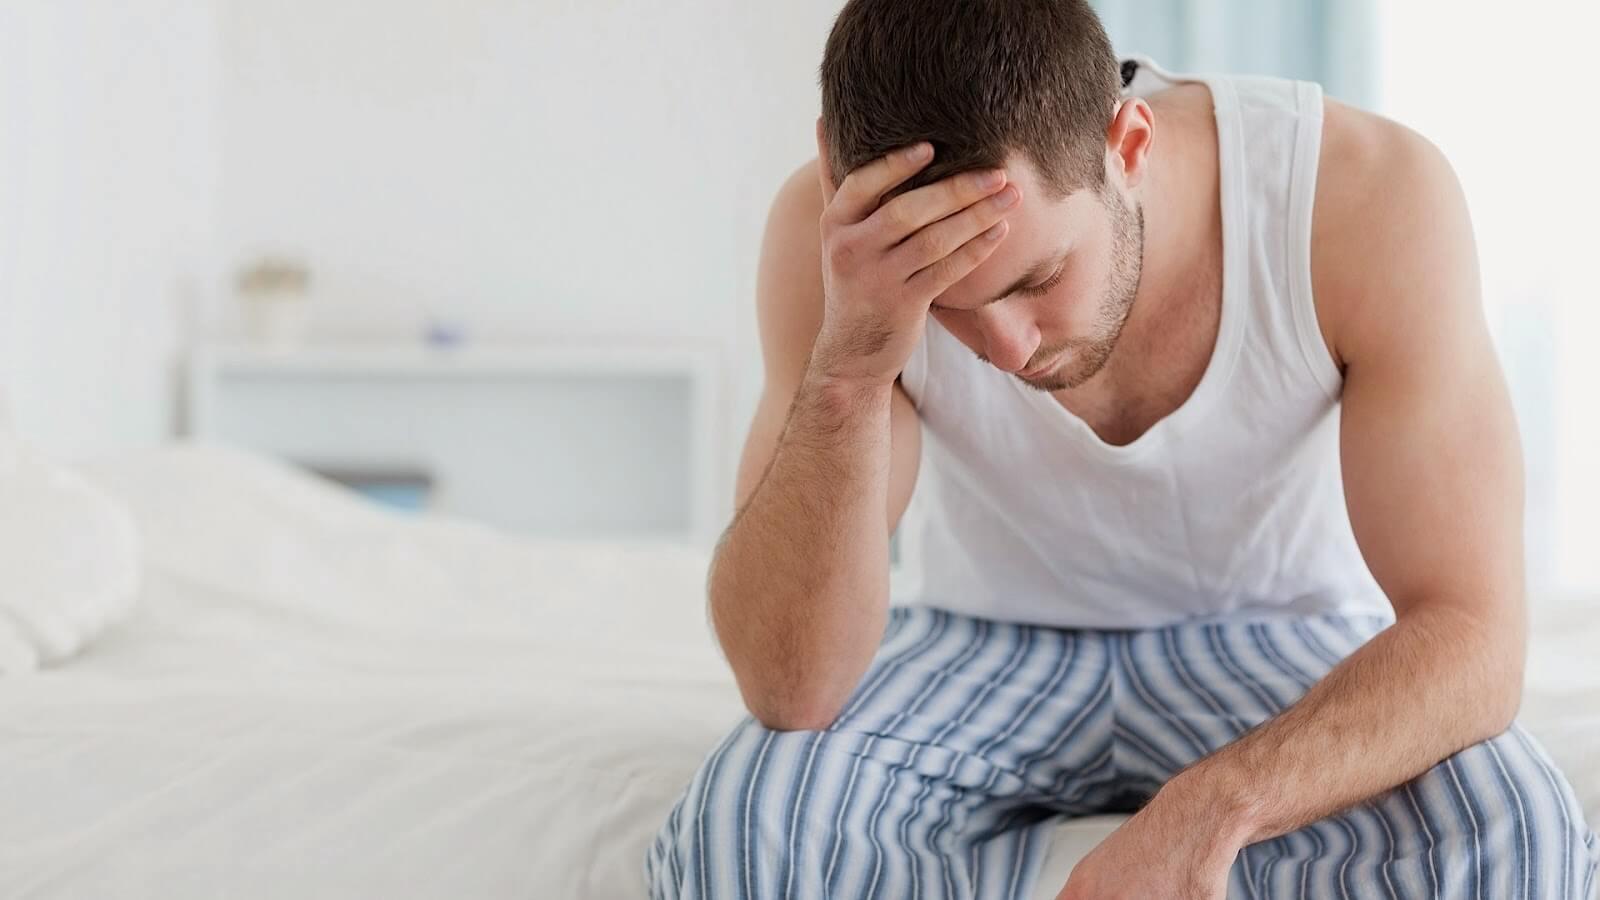 полезна ли мастурбация при простатите